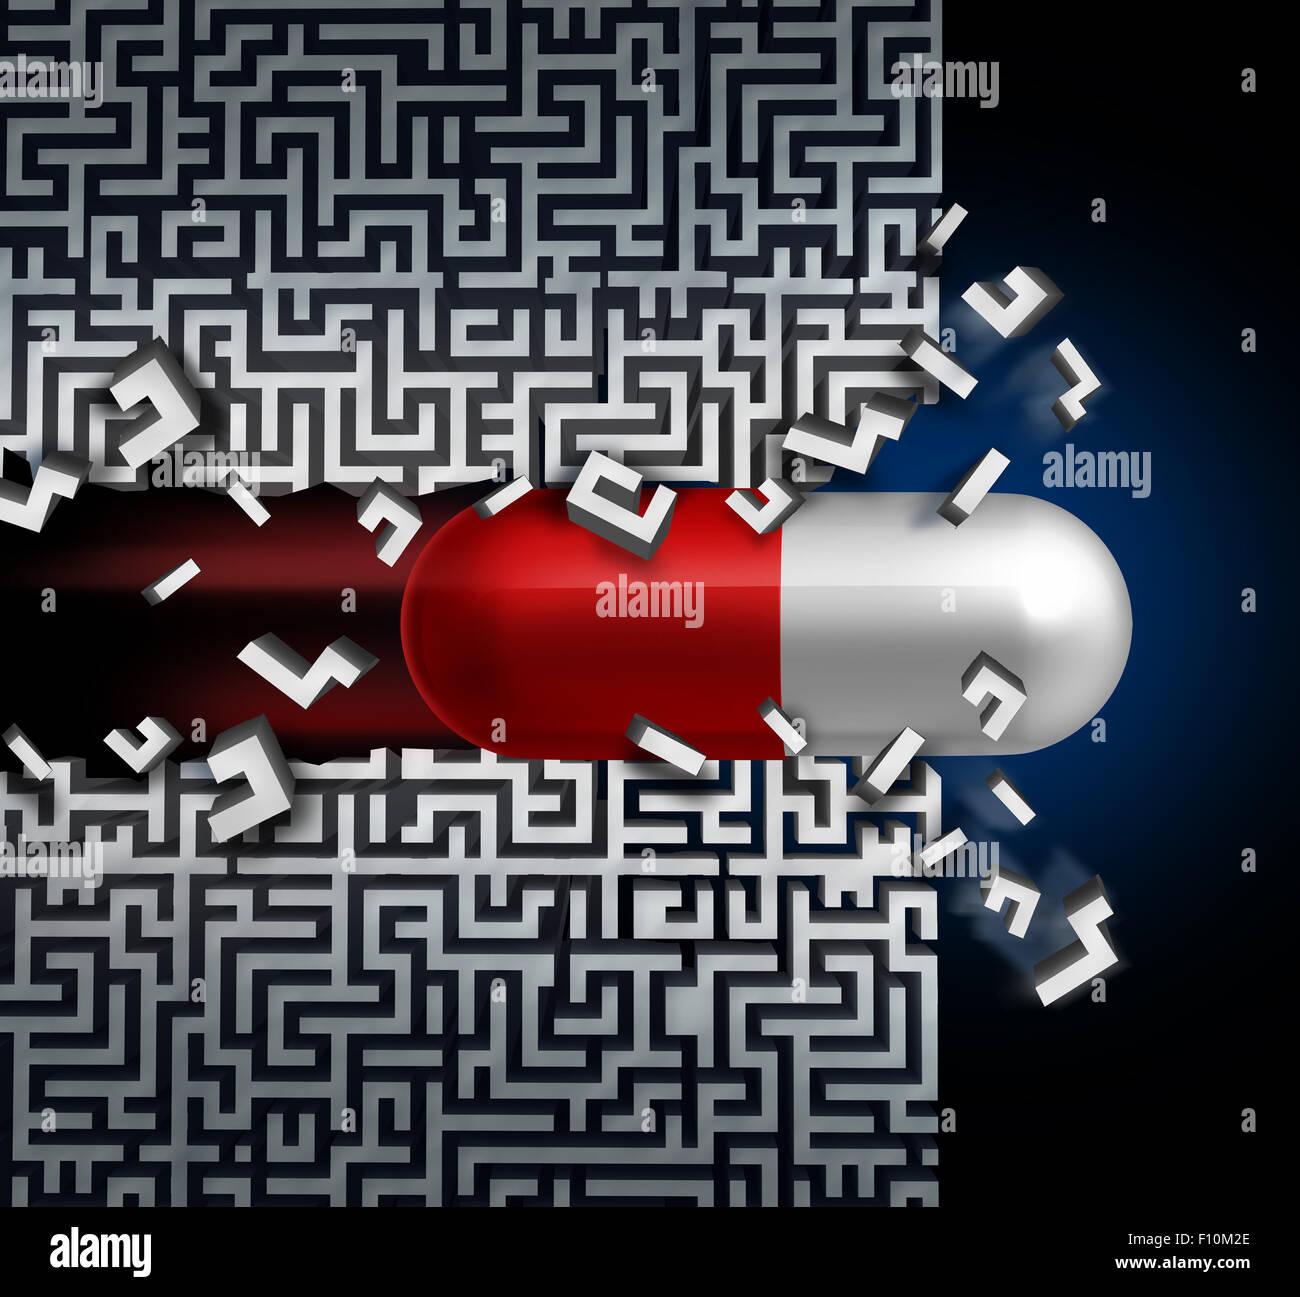 Medizinischer Durchbruch Konzept und ein erfolgreiches Medikament Entdeckung Symbol als Gesundheitswesen Medizin Stockbild